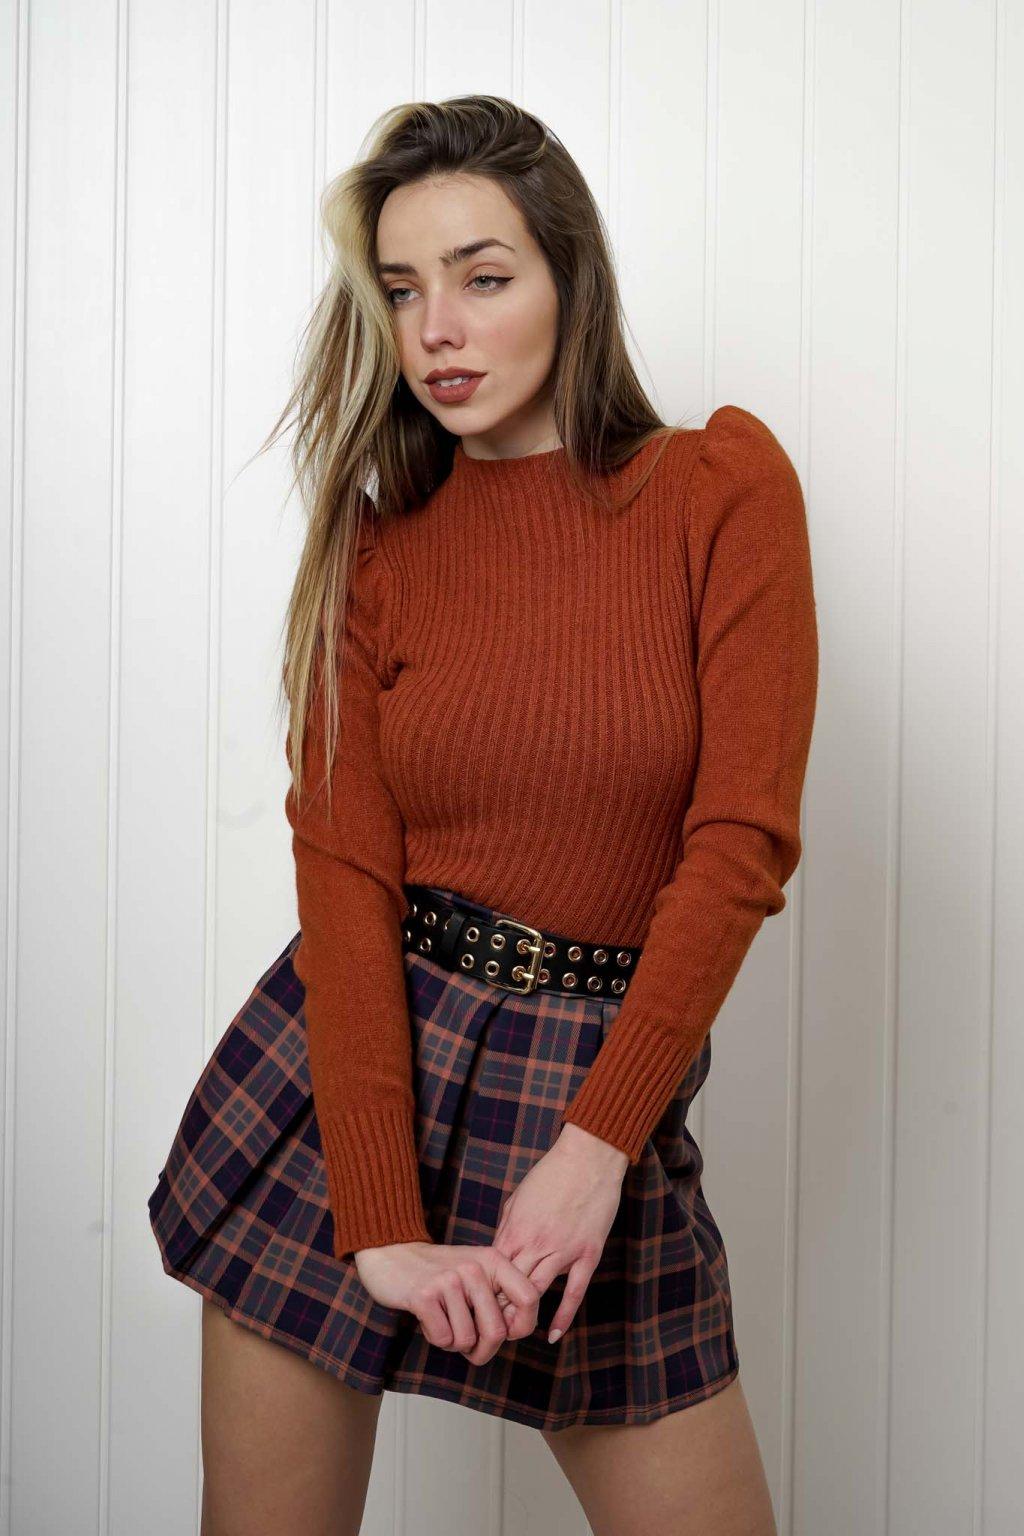 sveter, svetrík, sveter dámsky, úplet, úpletový sveter, jednoduchý sveter, v výstríh, štýlový, chlpatý,vzorovaný, srdiečkový, čierny, biely, farebný, 094